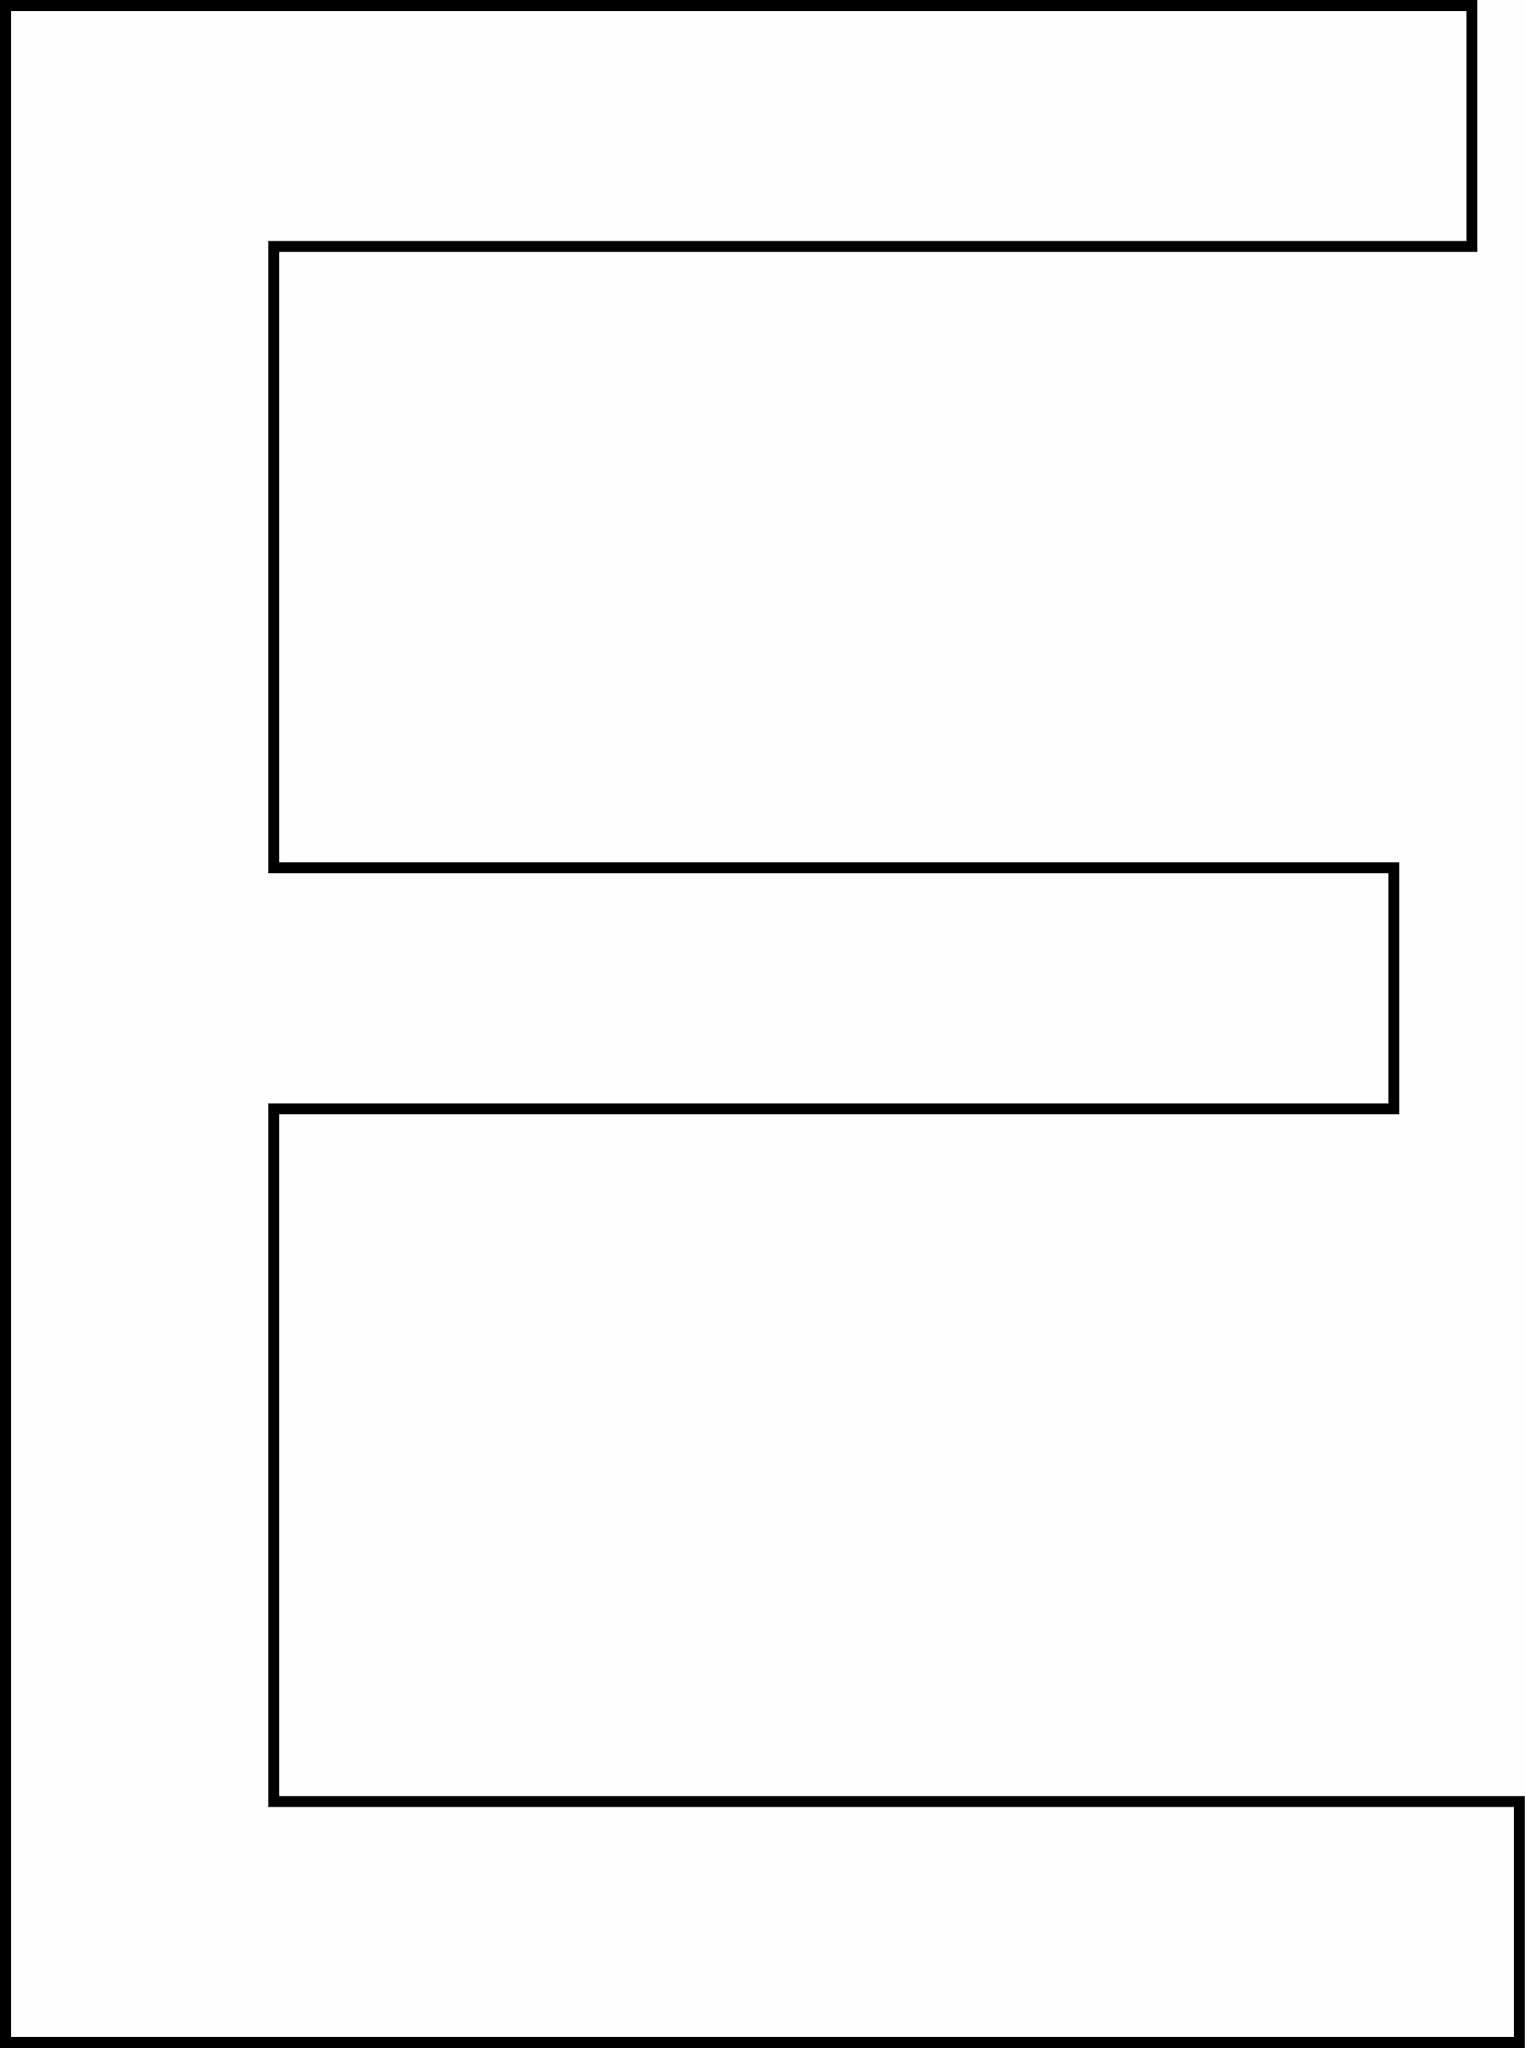 Letra e - maiúscula para imprimir